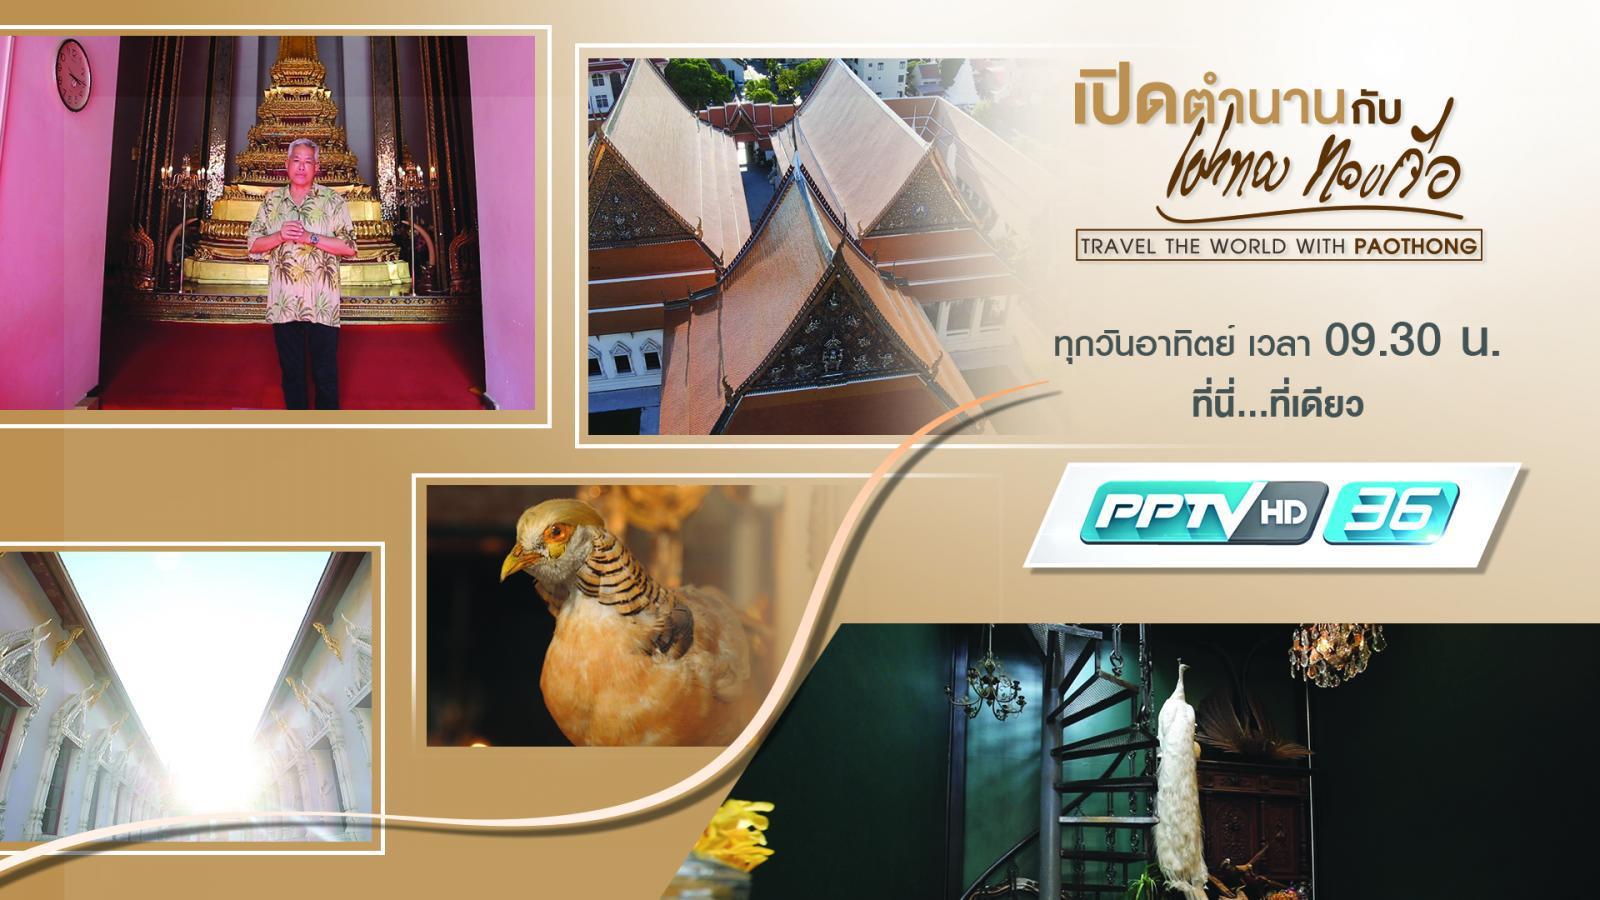 ไขความลับ…วัดมหาธาตุ 1 ประเทศไทย